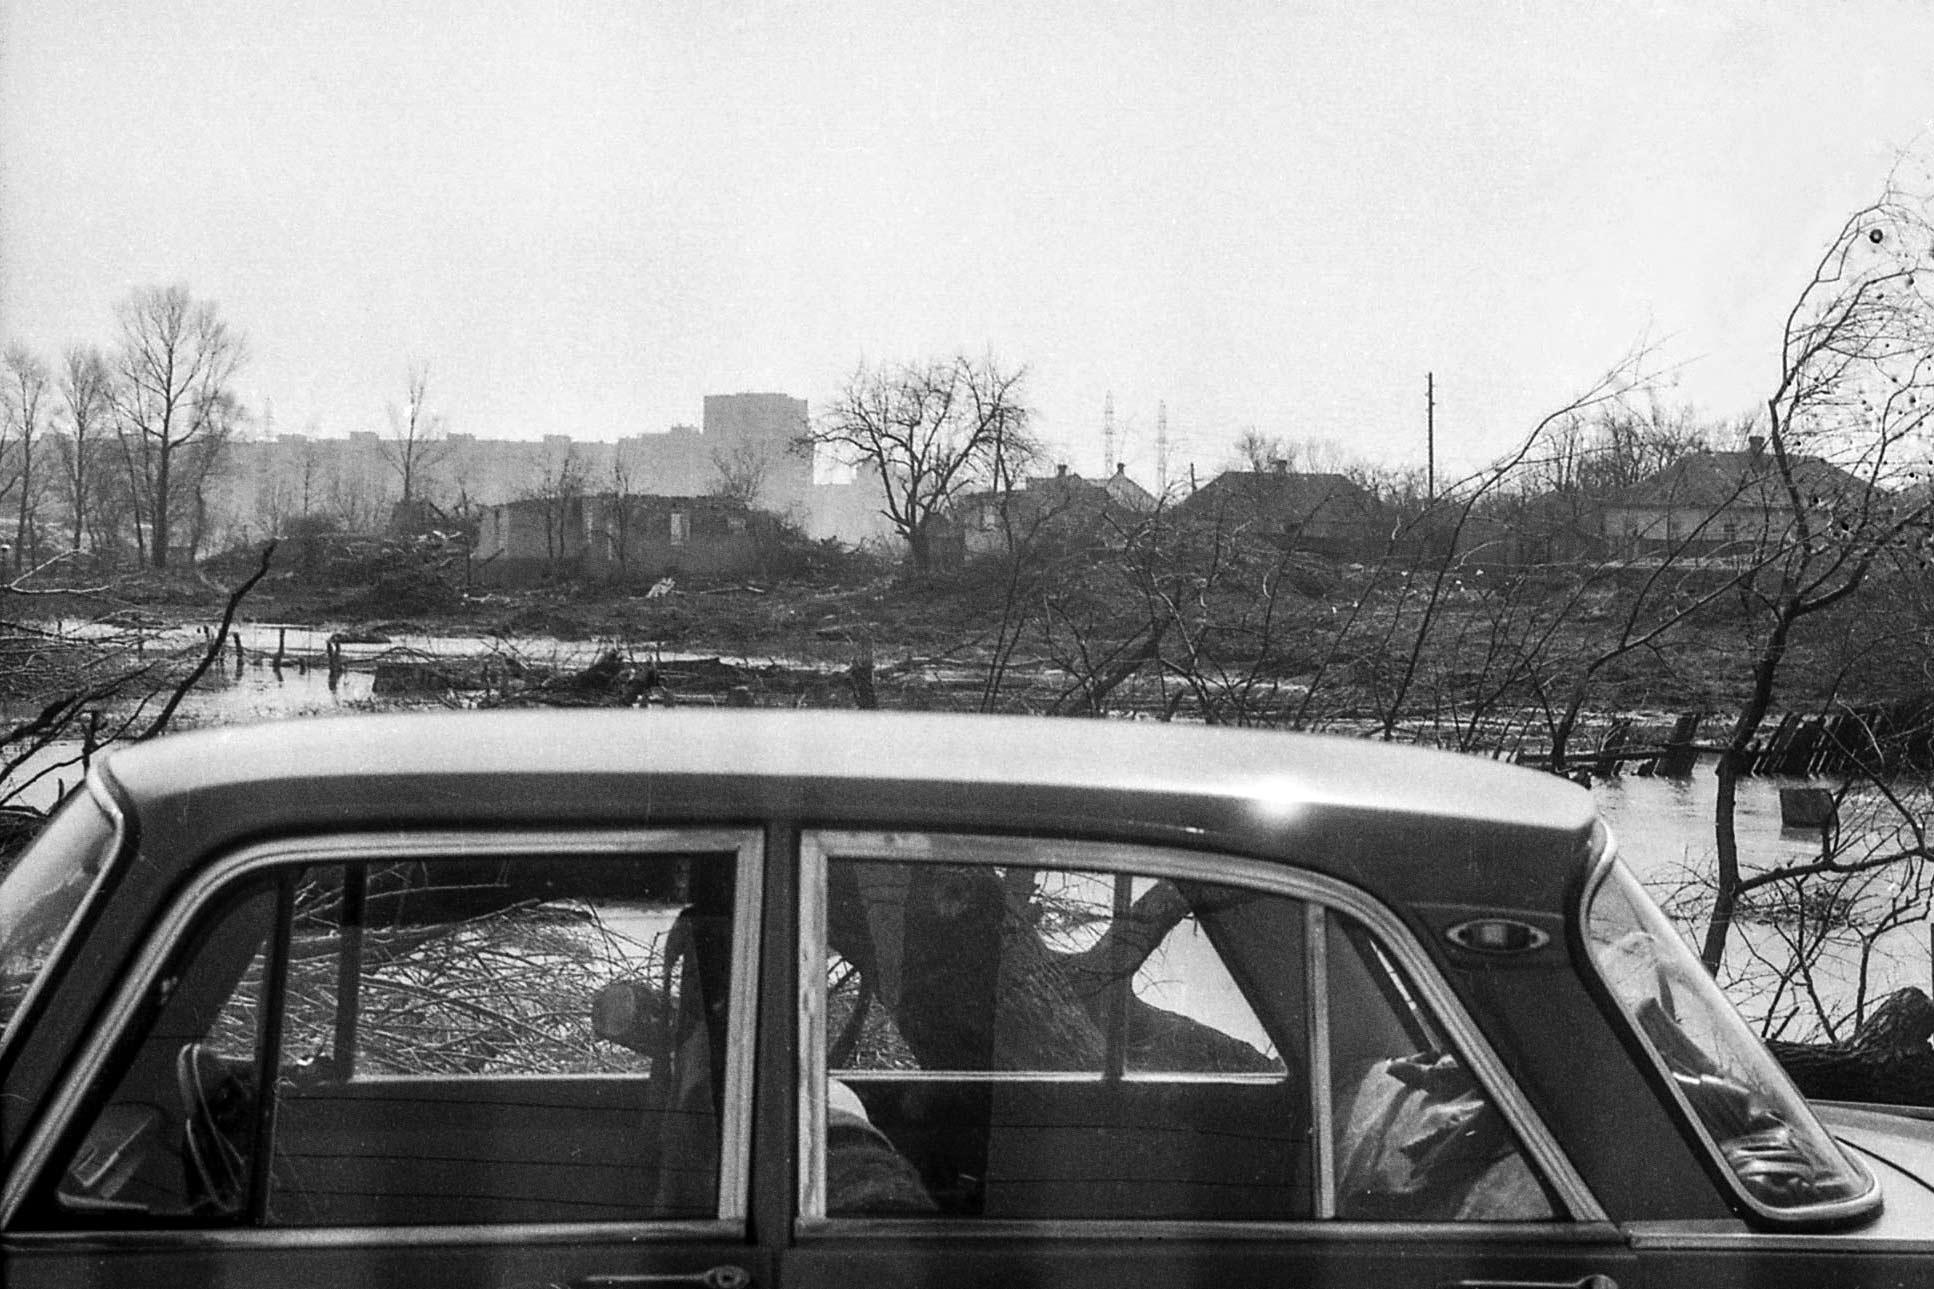 vygurovshina 1983 - <b>Заради масового житла в Києві знищили десятки поселень.</b> Розповідаємо, як це було - Заборона